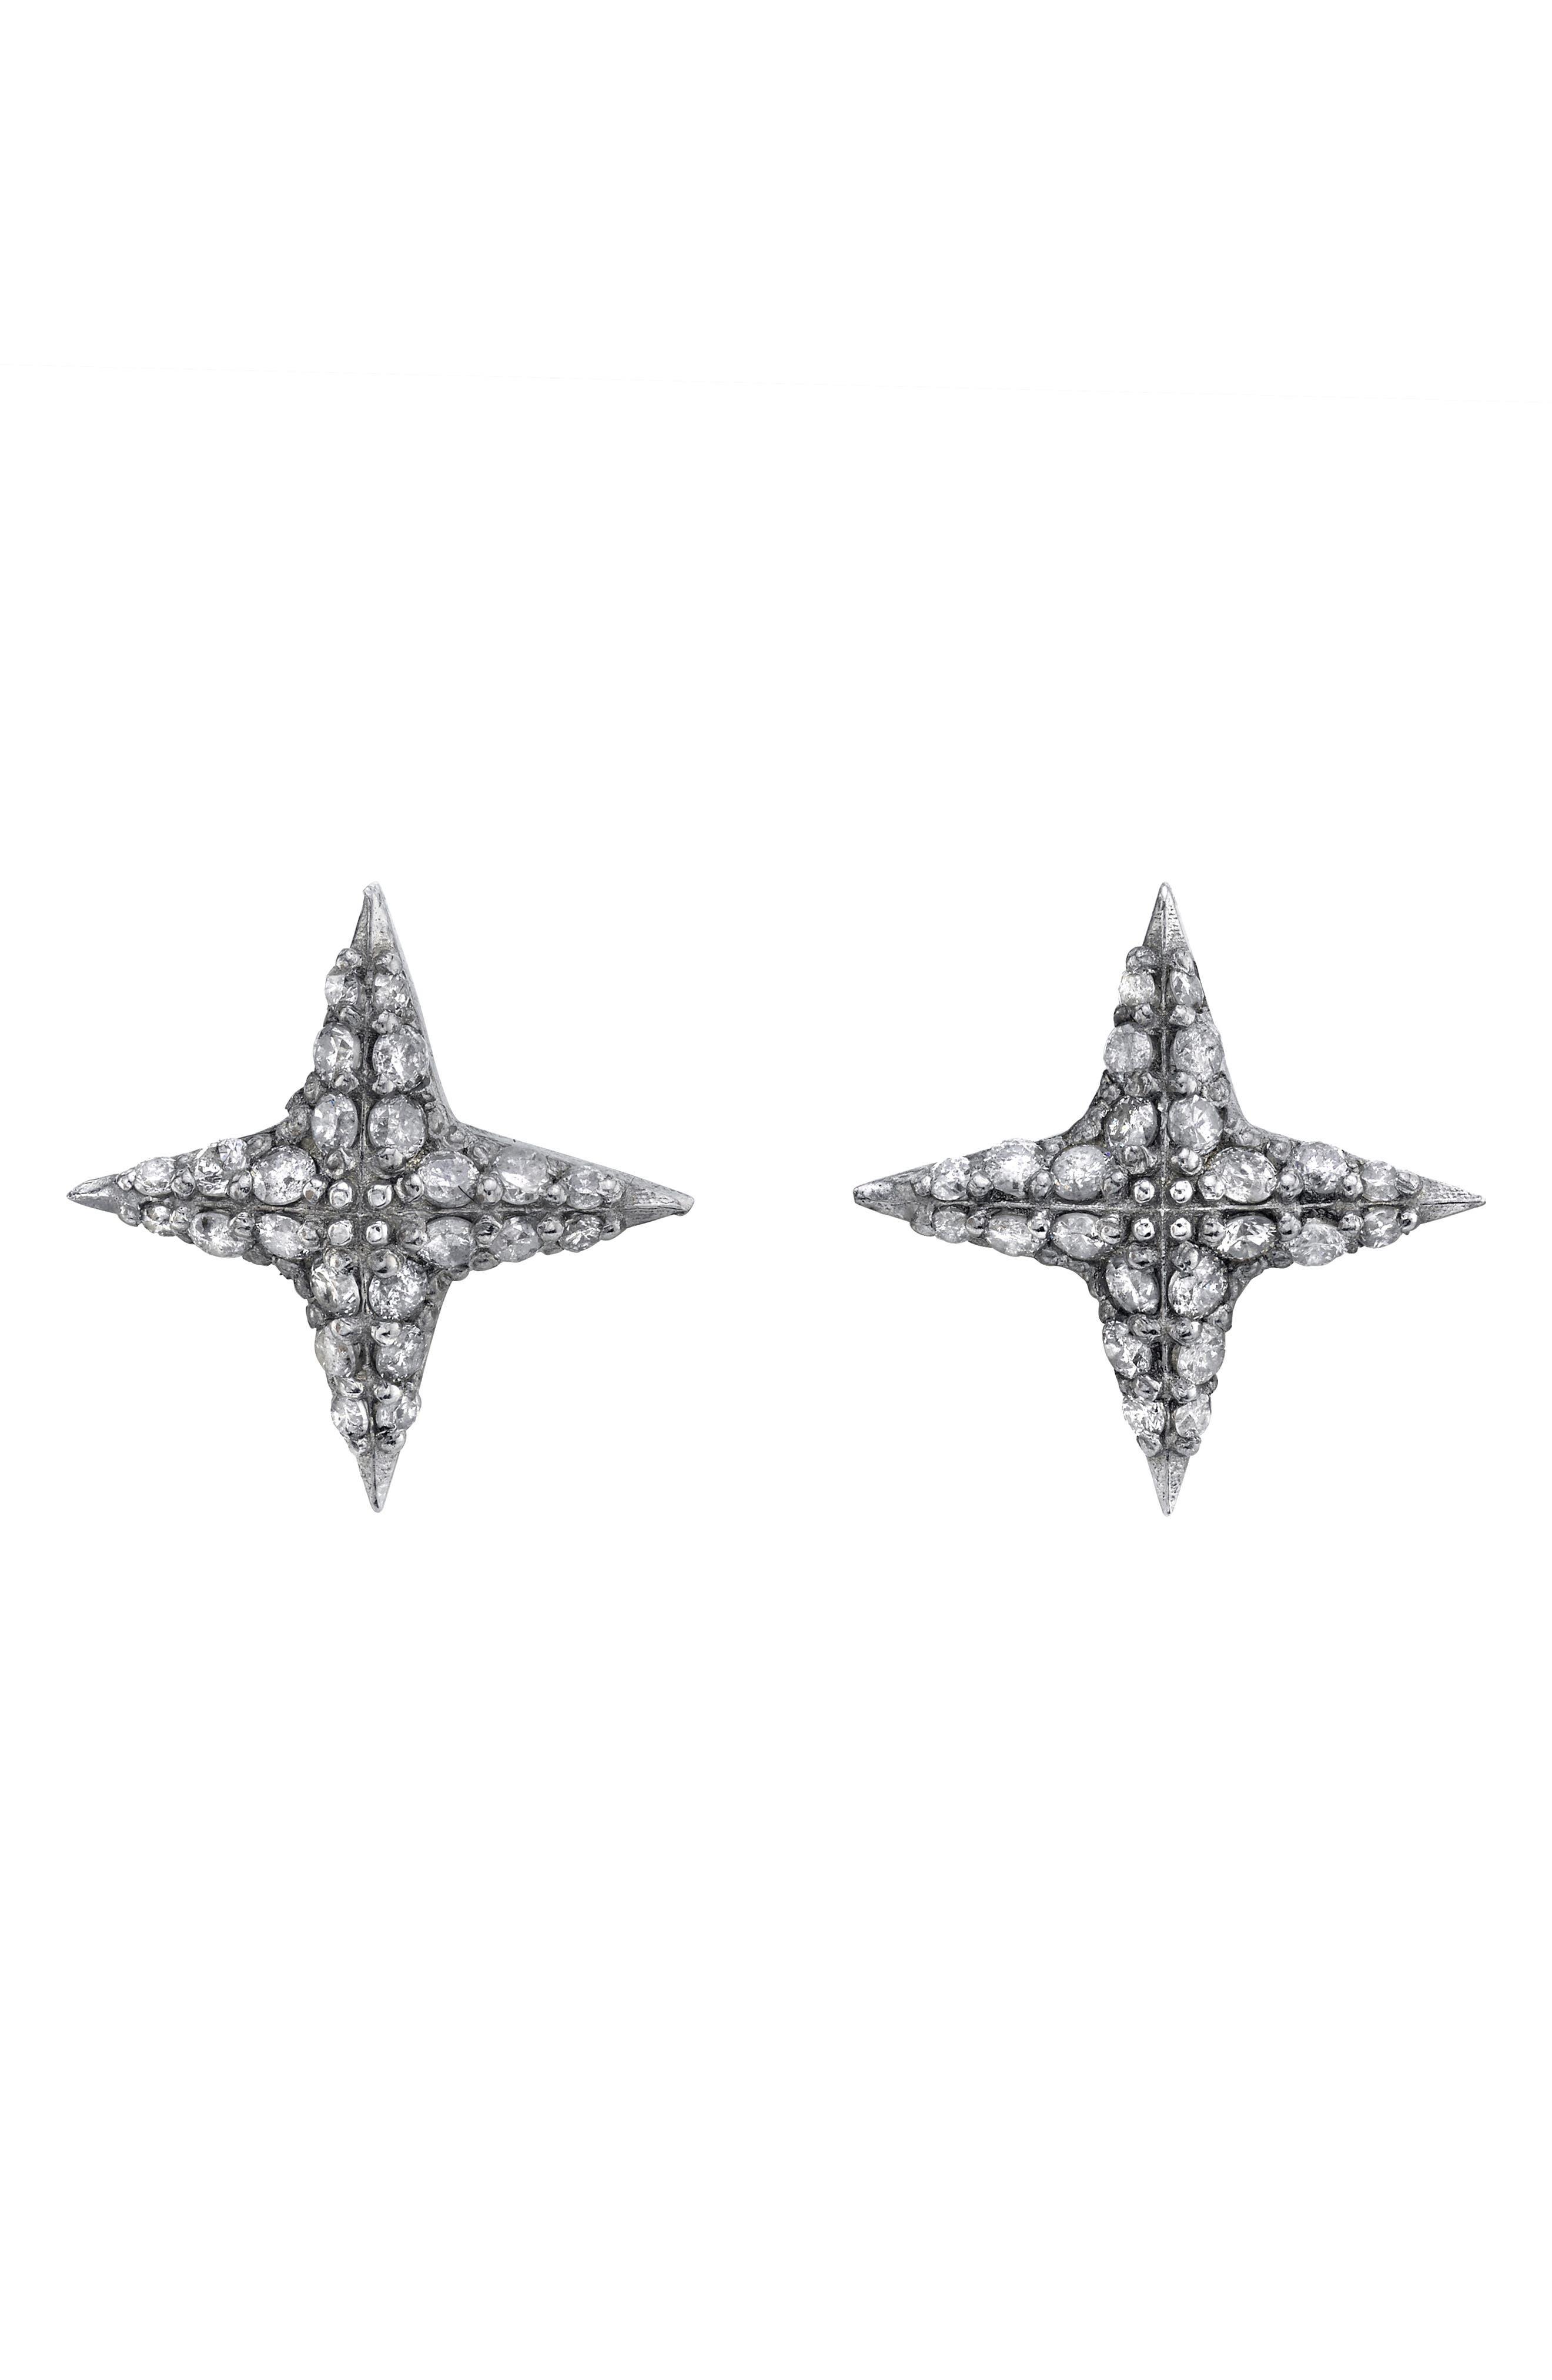 Diamond Star Stud Earrings in Sterling Silver